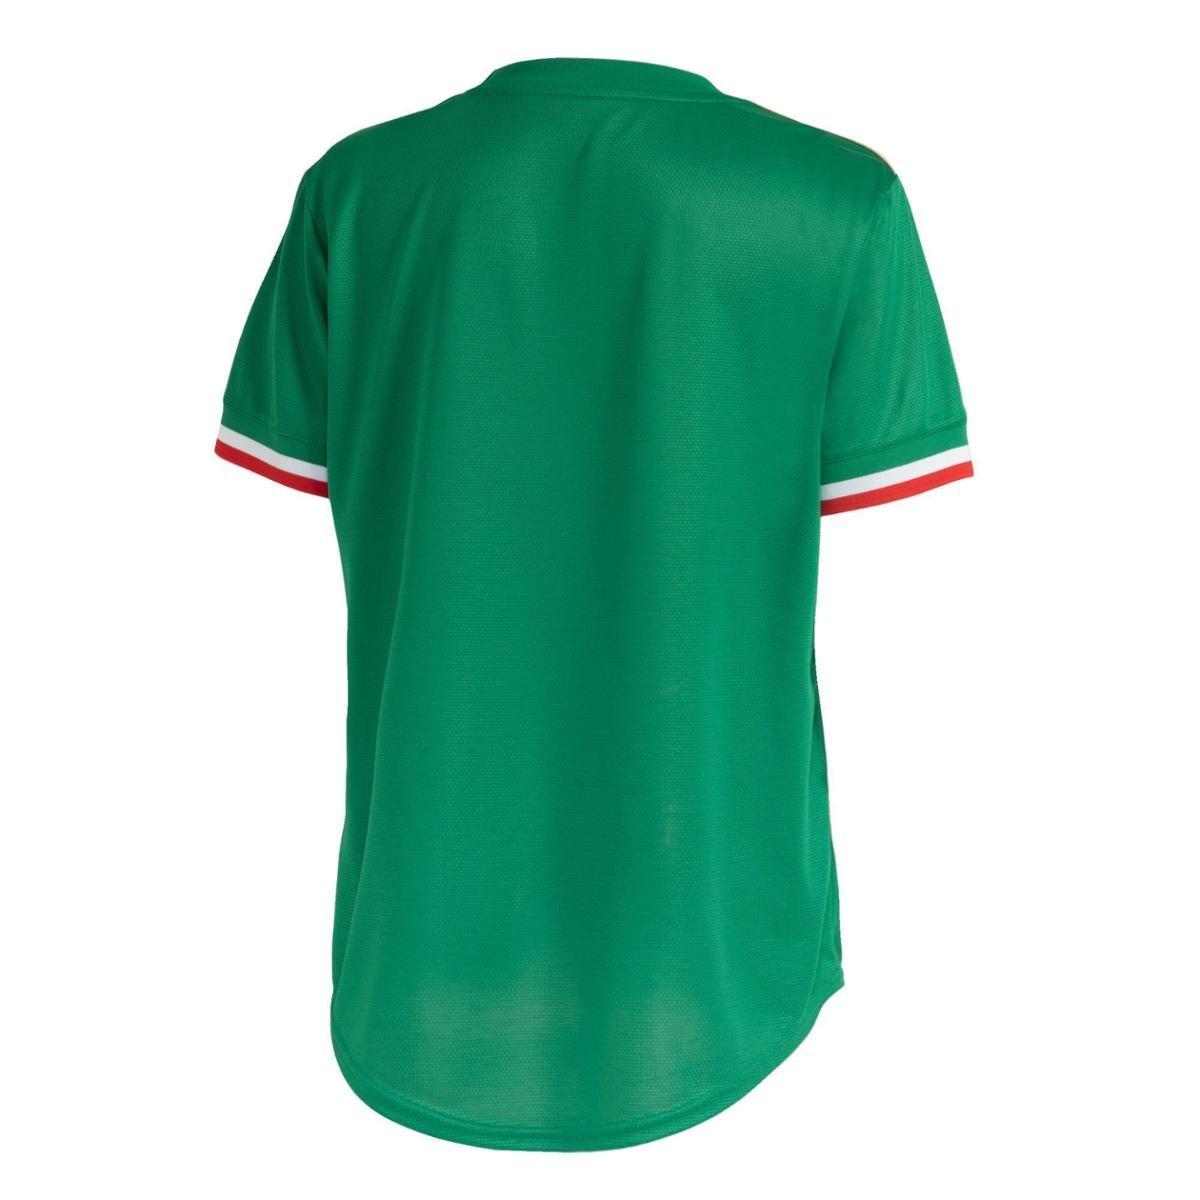 Camisa Feminina Cruzeiro Jogo III Adidas Centenário